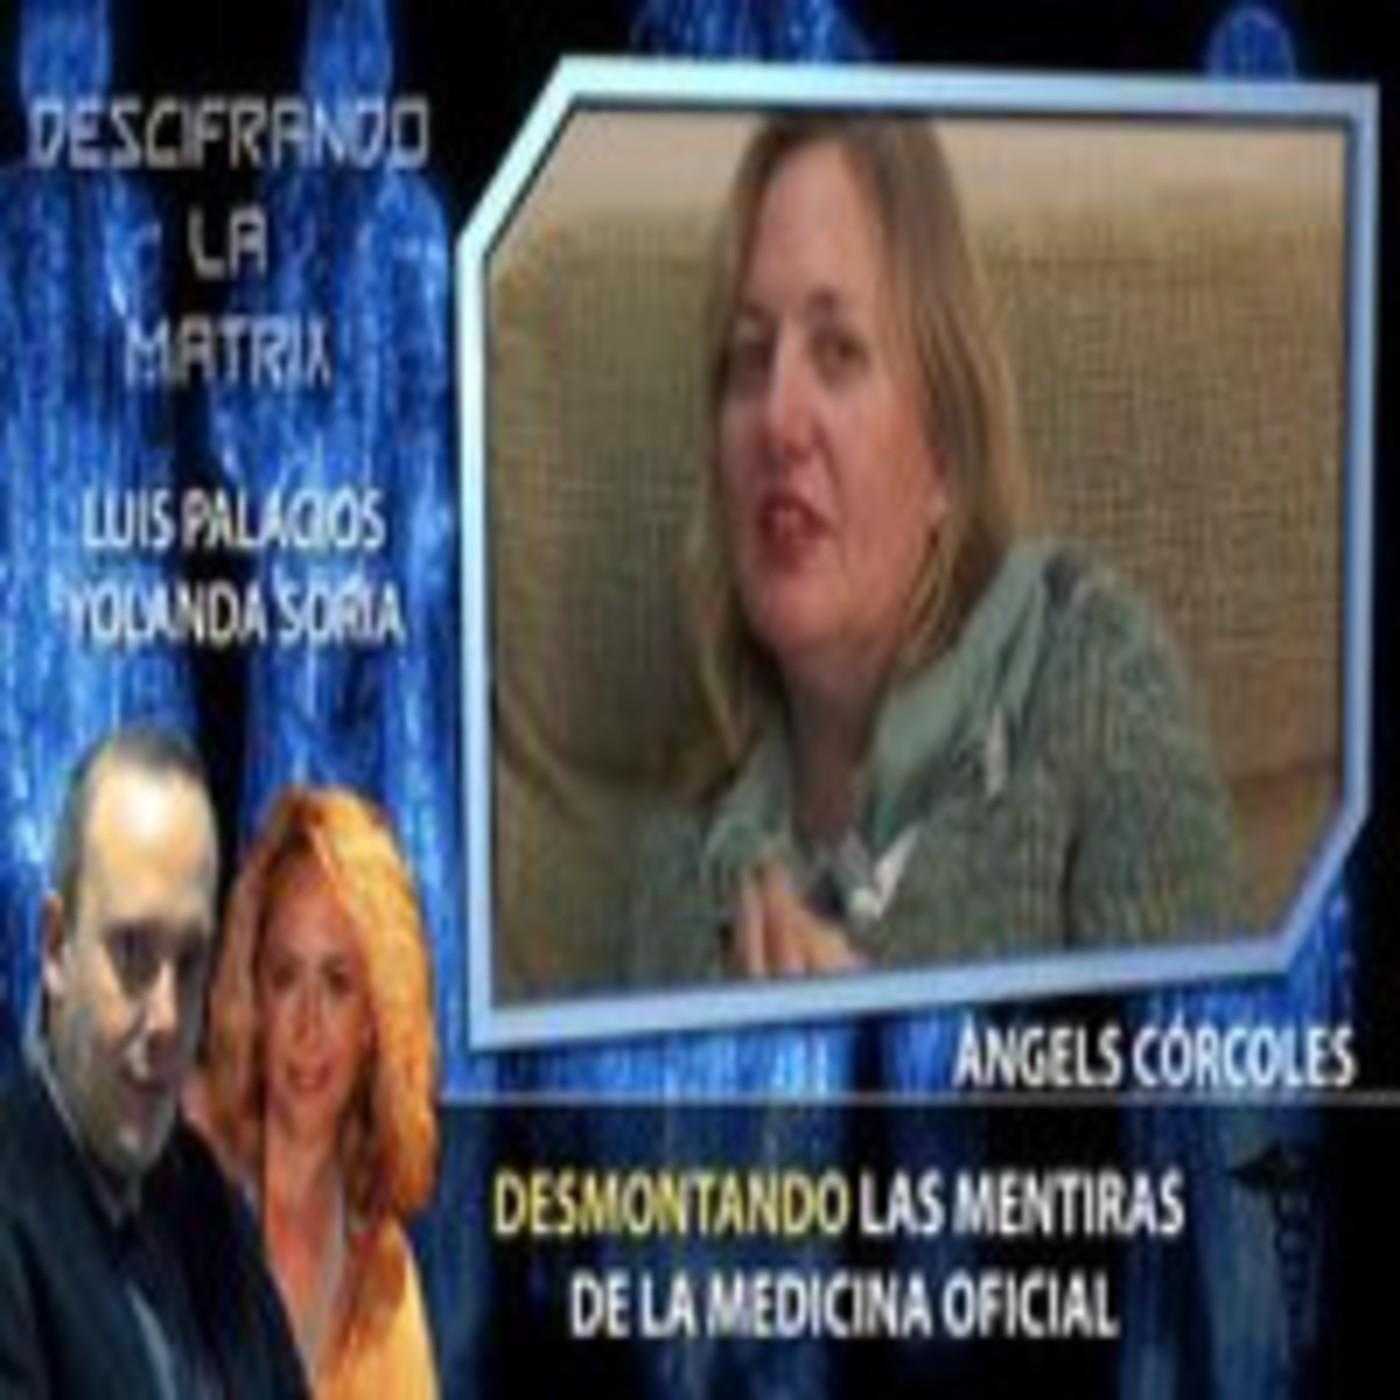 Desmontando las Mentiras de la Medicina oficial por Dra. Àngels Córcoles y Yolanda Soria